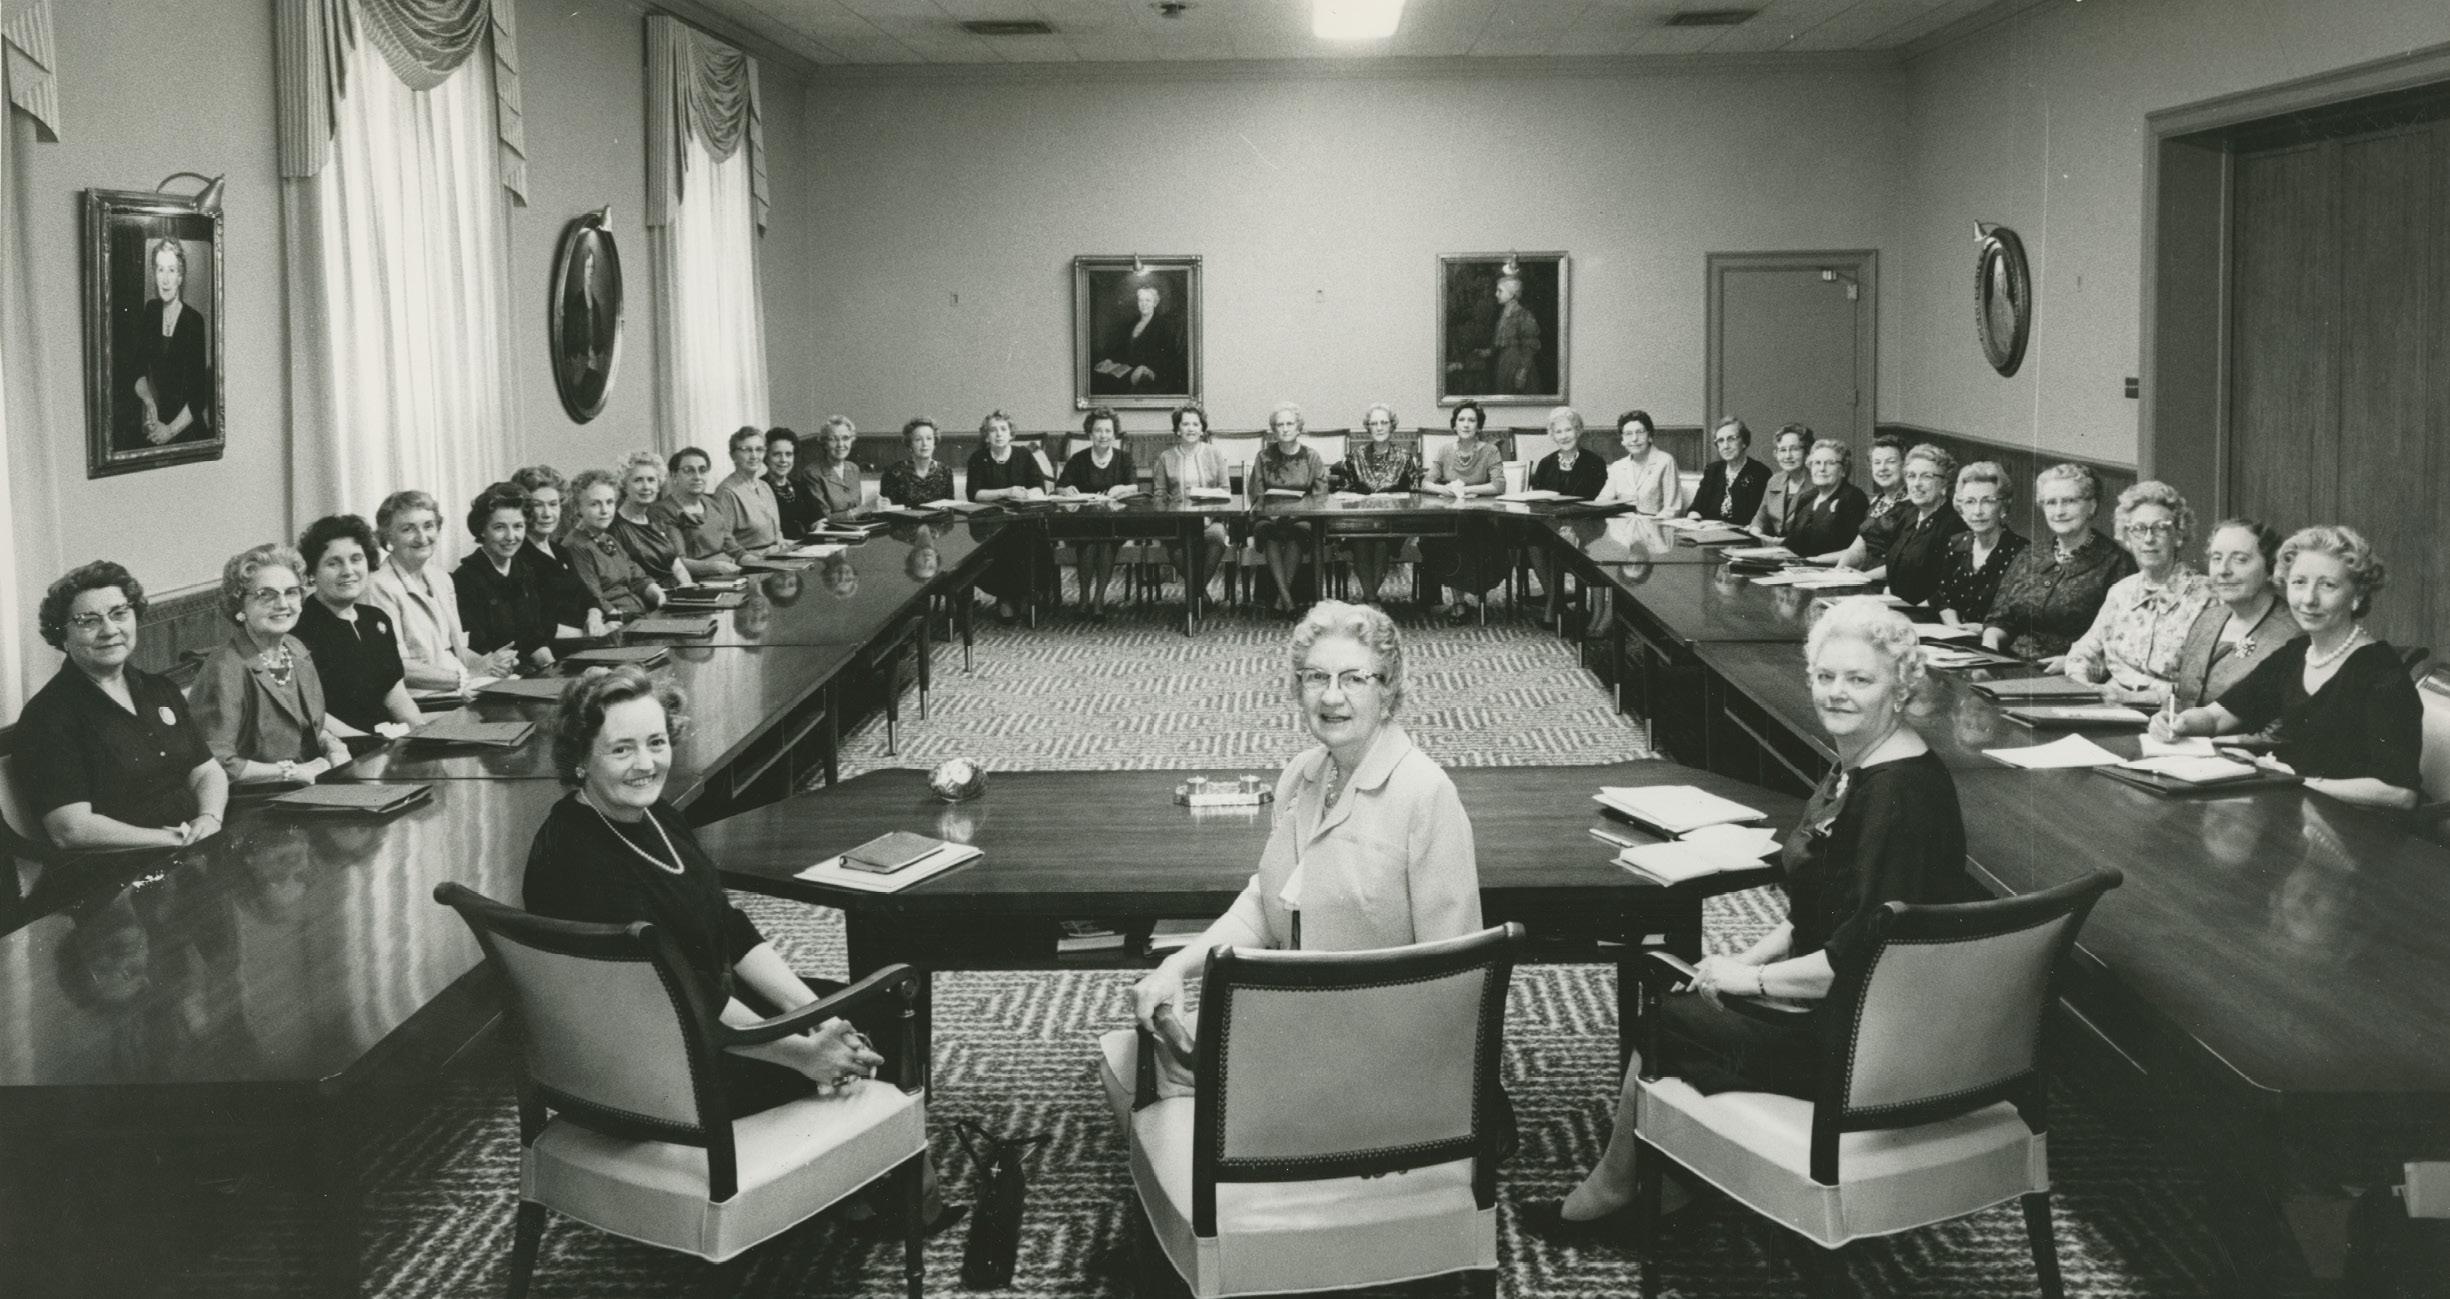 Las hermanas Belle S. Spafford, Marianne C. Sharp y Louise W. Madsen con la mesa general de la Sociedad de Socorro en 1962. Las miembros de la presidencia se ubican a la cabeza de la mesa. De izquierda a derecha: las hermanas Madsen, Spafford y Sharp y la mesa general de la Sociedad de Socorro, posan para una foto en el Edificio de la Sociedad de Socorro, que en ese entonces tenía 6 años. Las miembros de la mesa capacitaron a las unidades de la Sociedad de Socorro en todo el mundo, supervisaron la producción de ropa del templo, publicaron la Revista de la Sociedad de Socorro y crearon una currícula de la Sociedad de Socorro. Fotografía por J. M. Heslop.